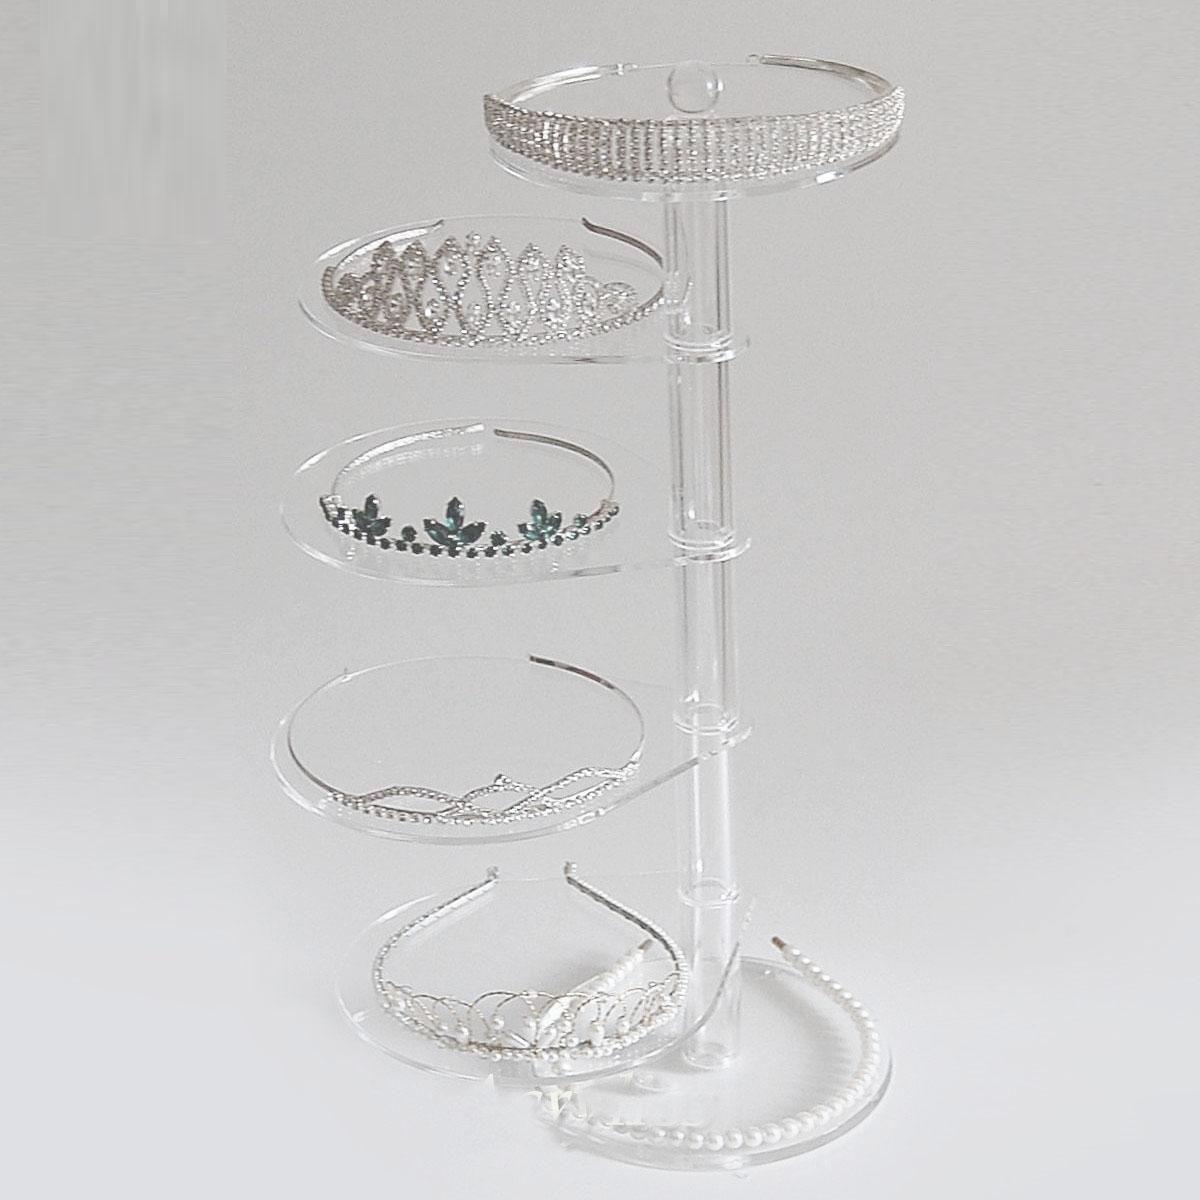 Revolving Acrylic Jewelry Display Table Kits